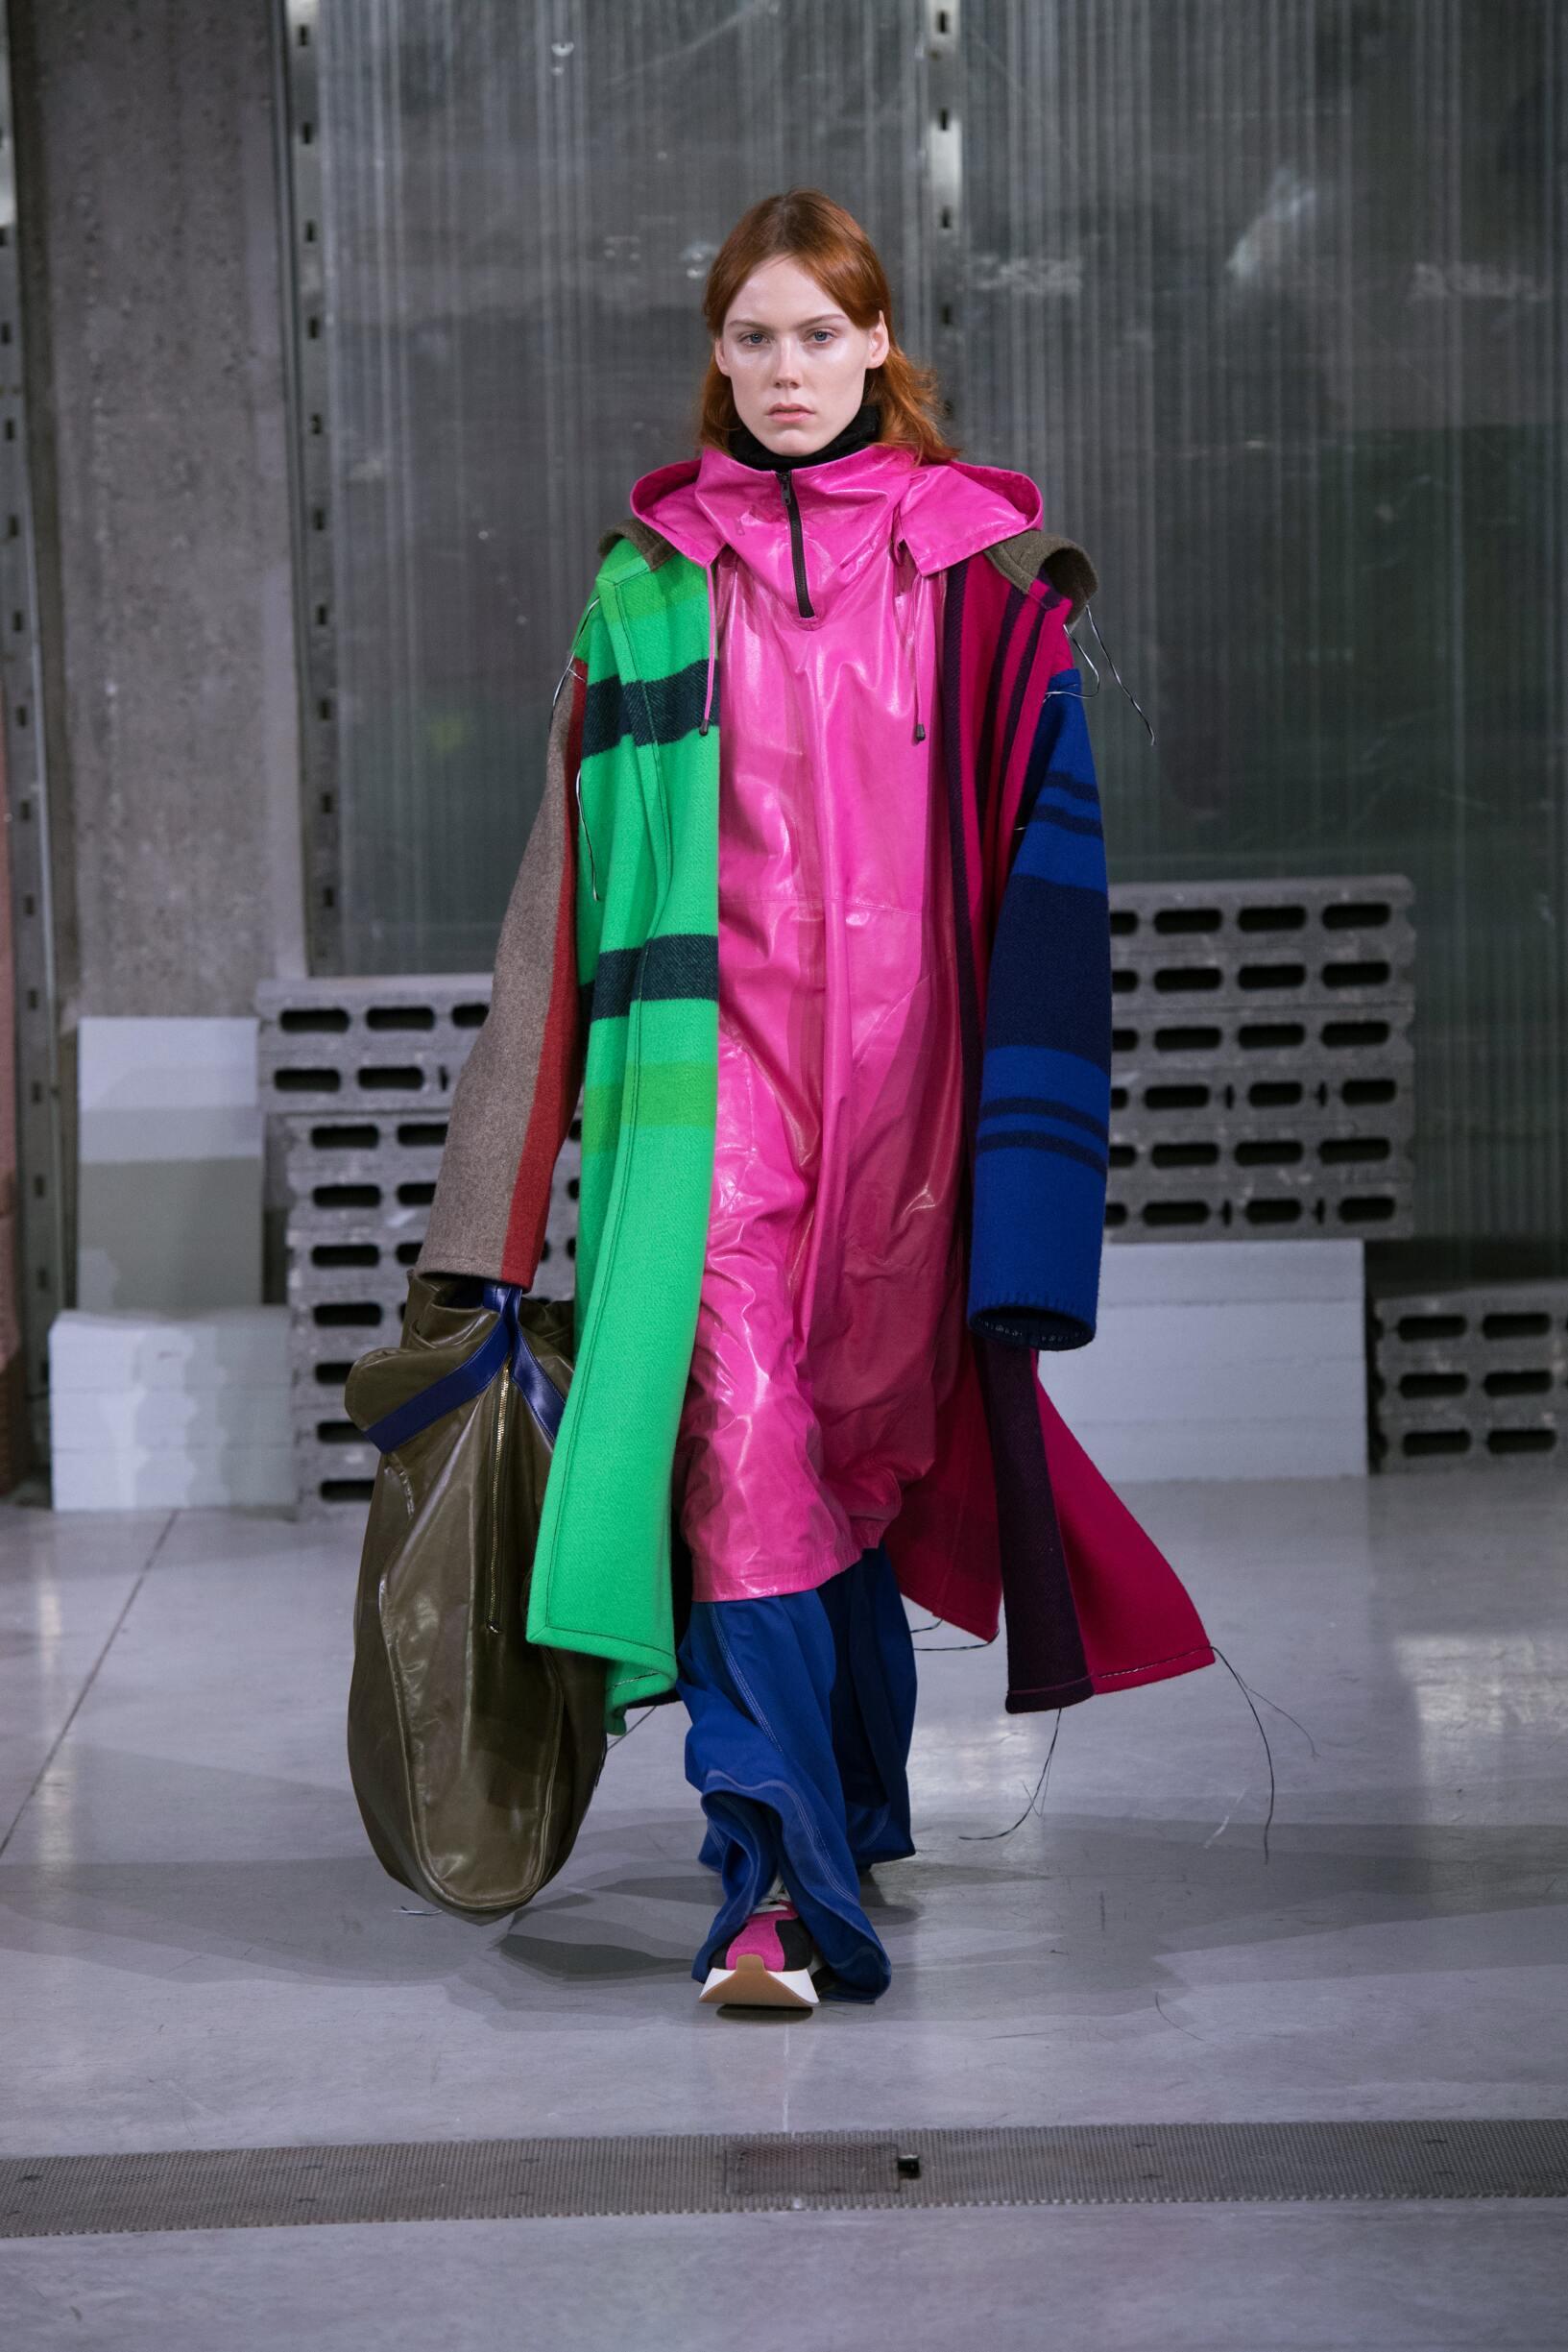 Marni FW 2018 Womenswear